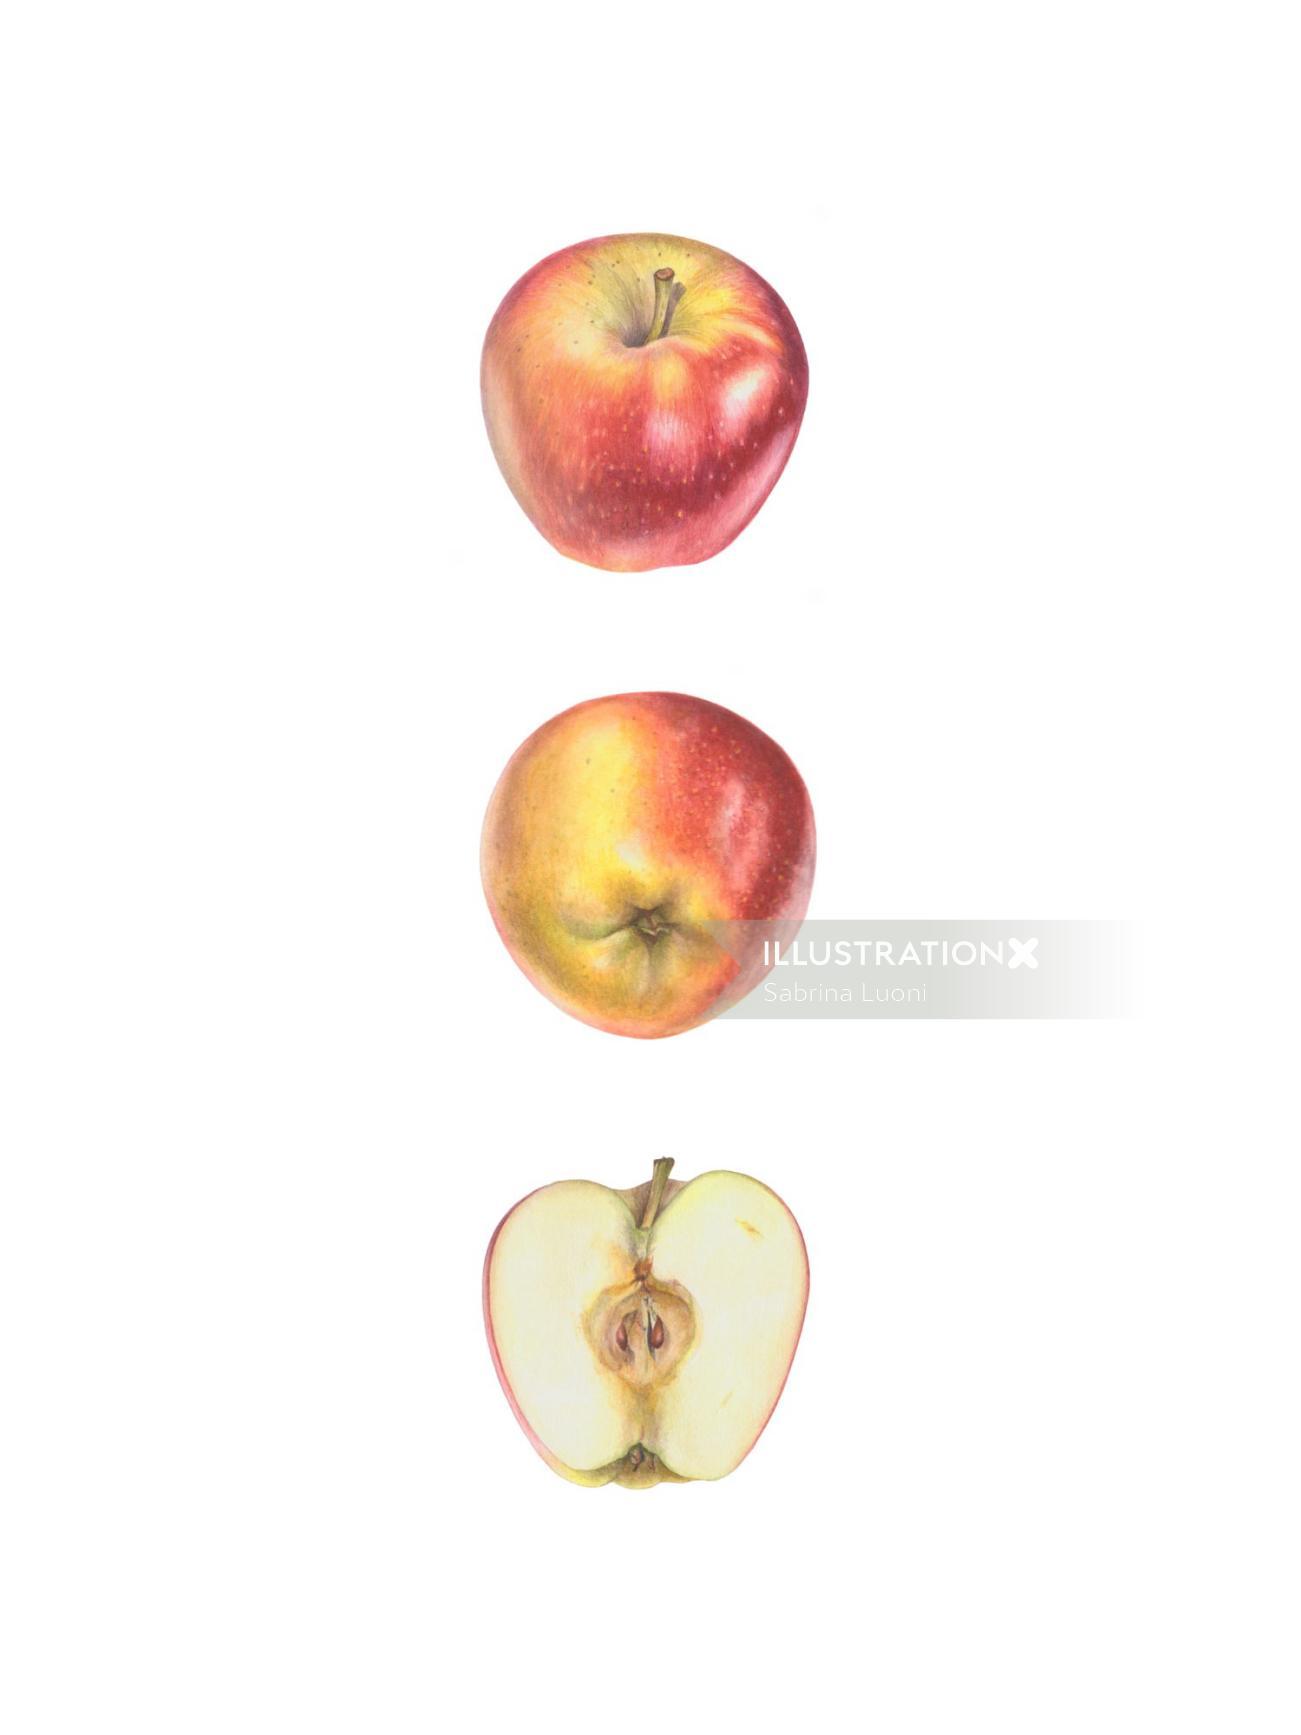 'Ambrosia' Apple (Malus domestica 'Ambrosia')